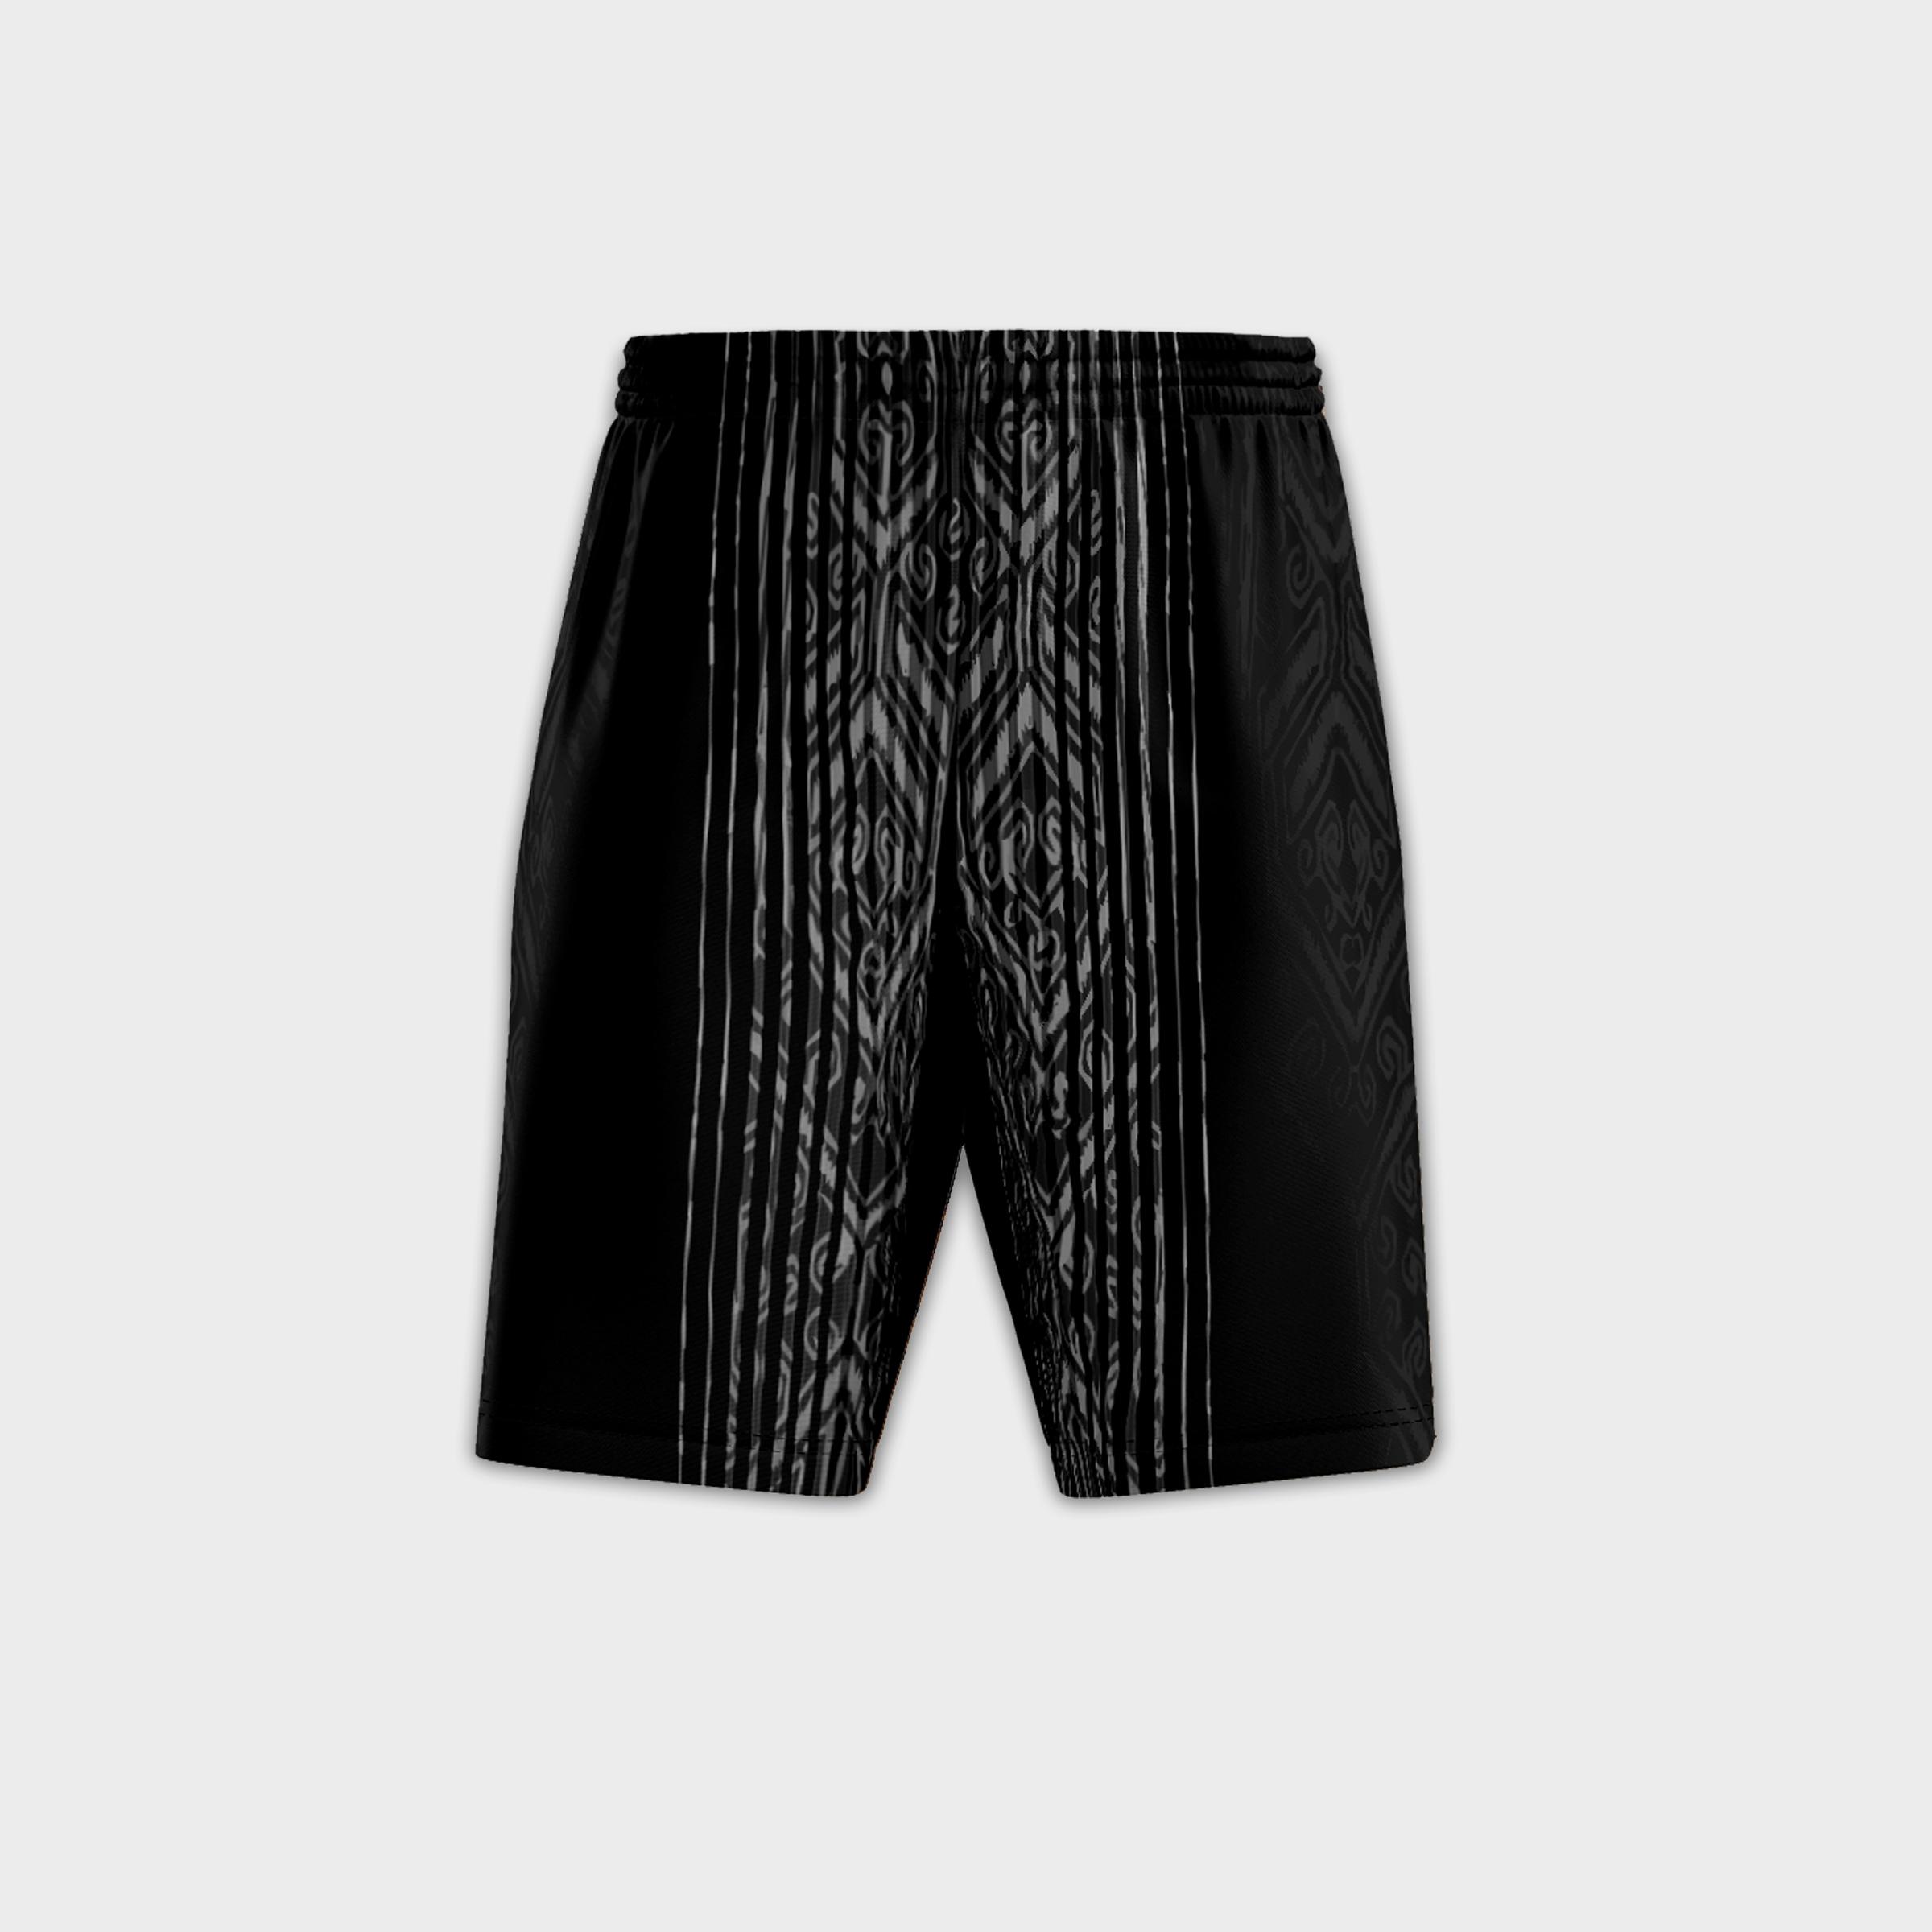 BSB Lined Black Pant.jpg